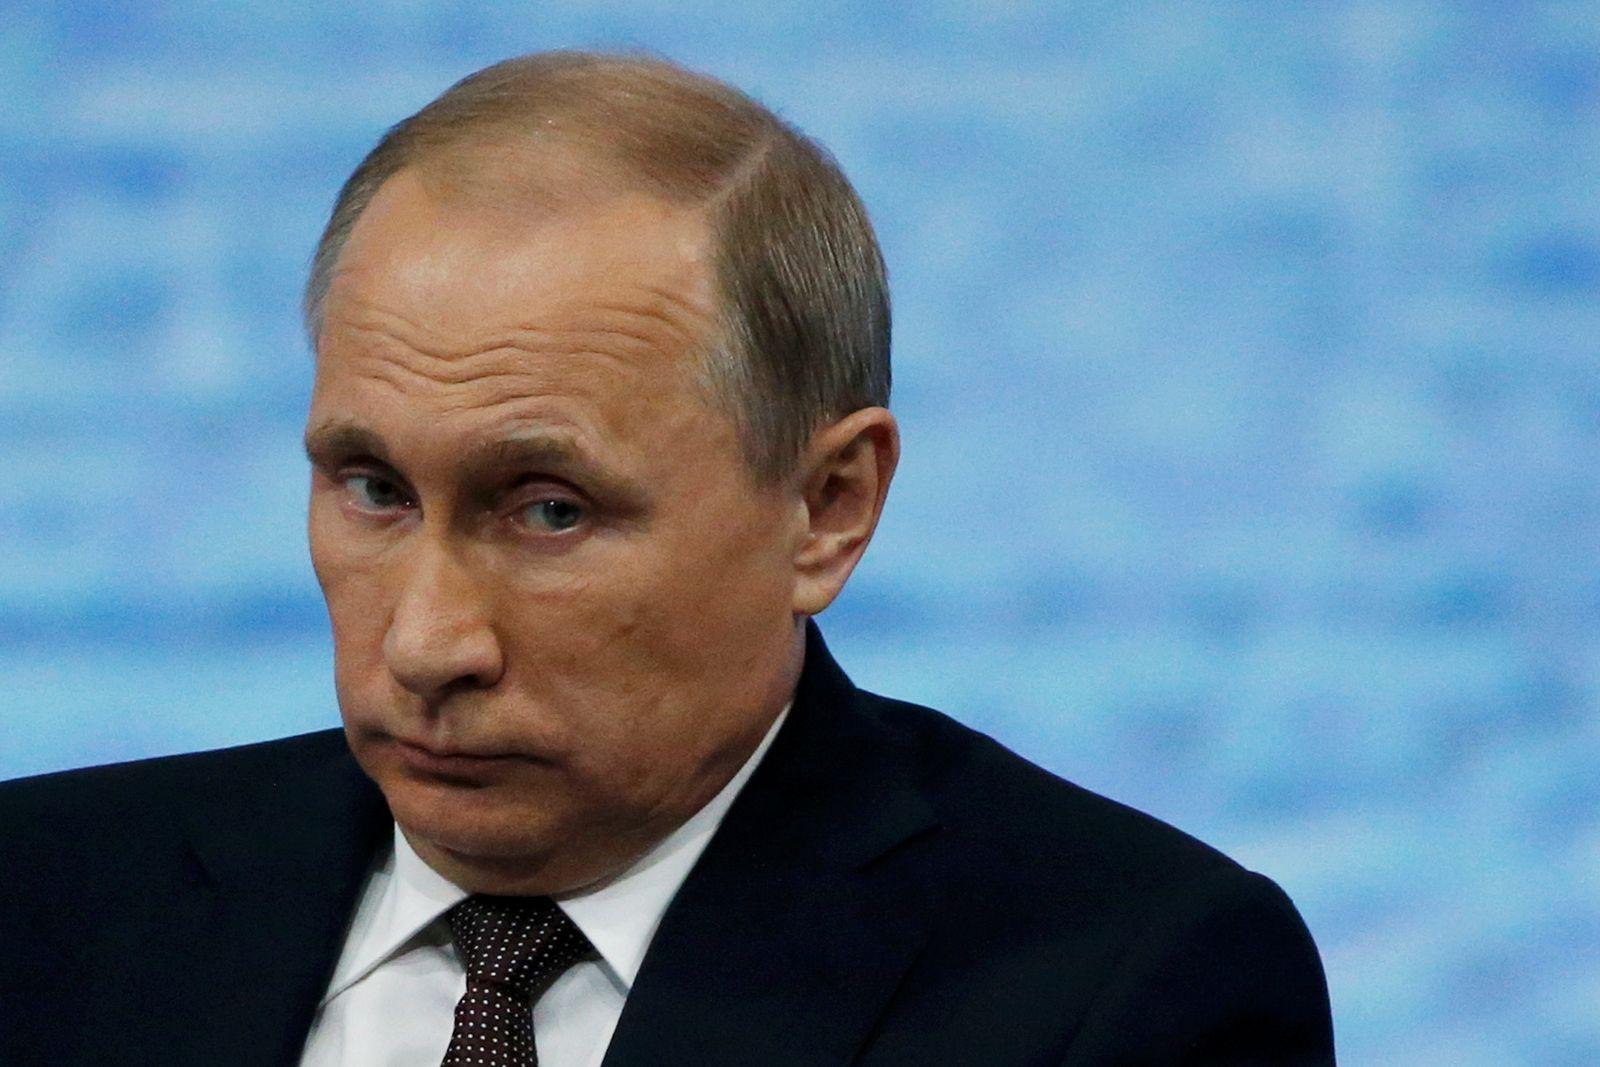 RUSSIA-ECONOMY/REFORM